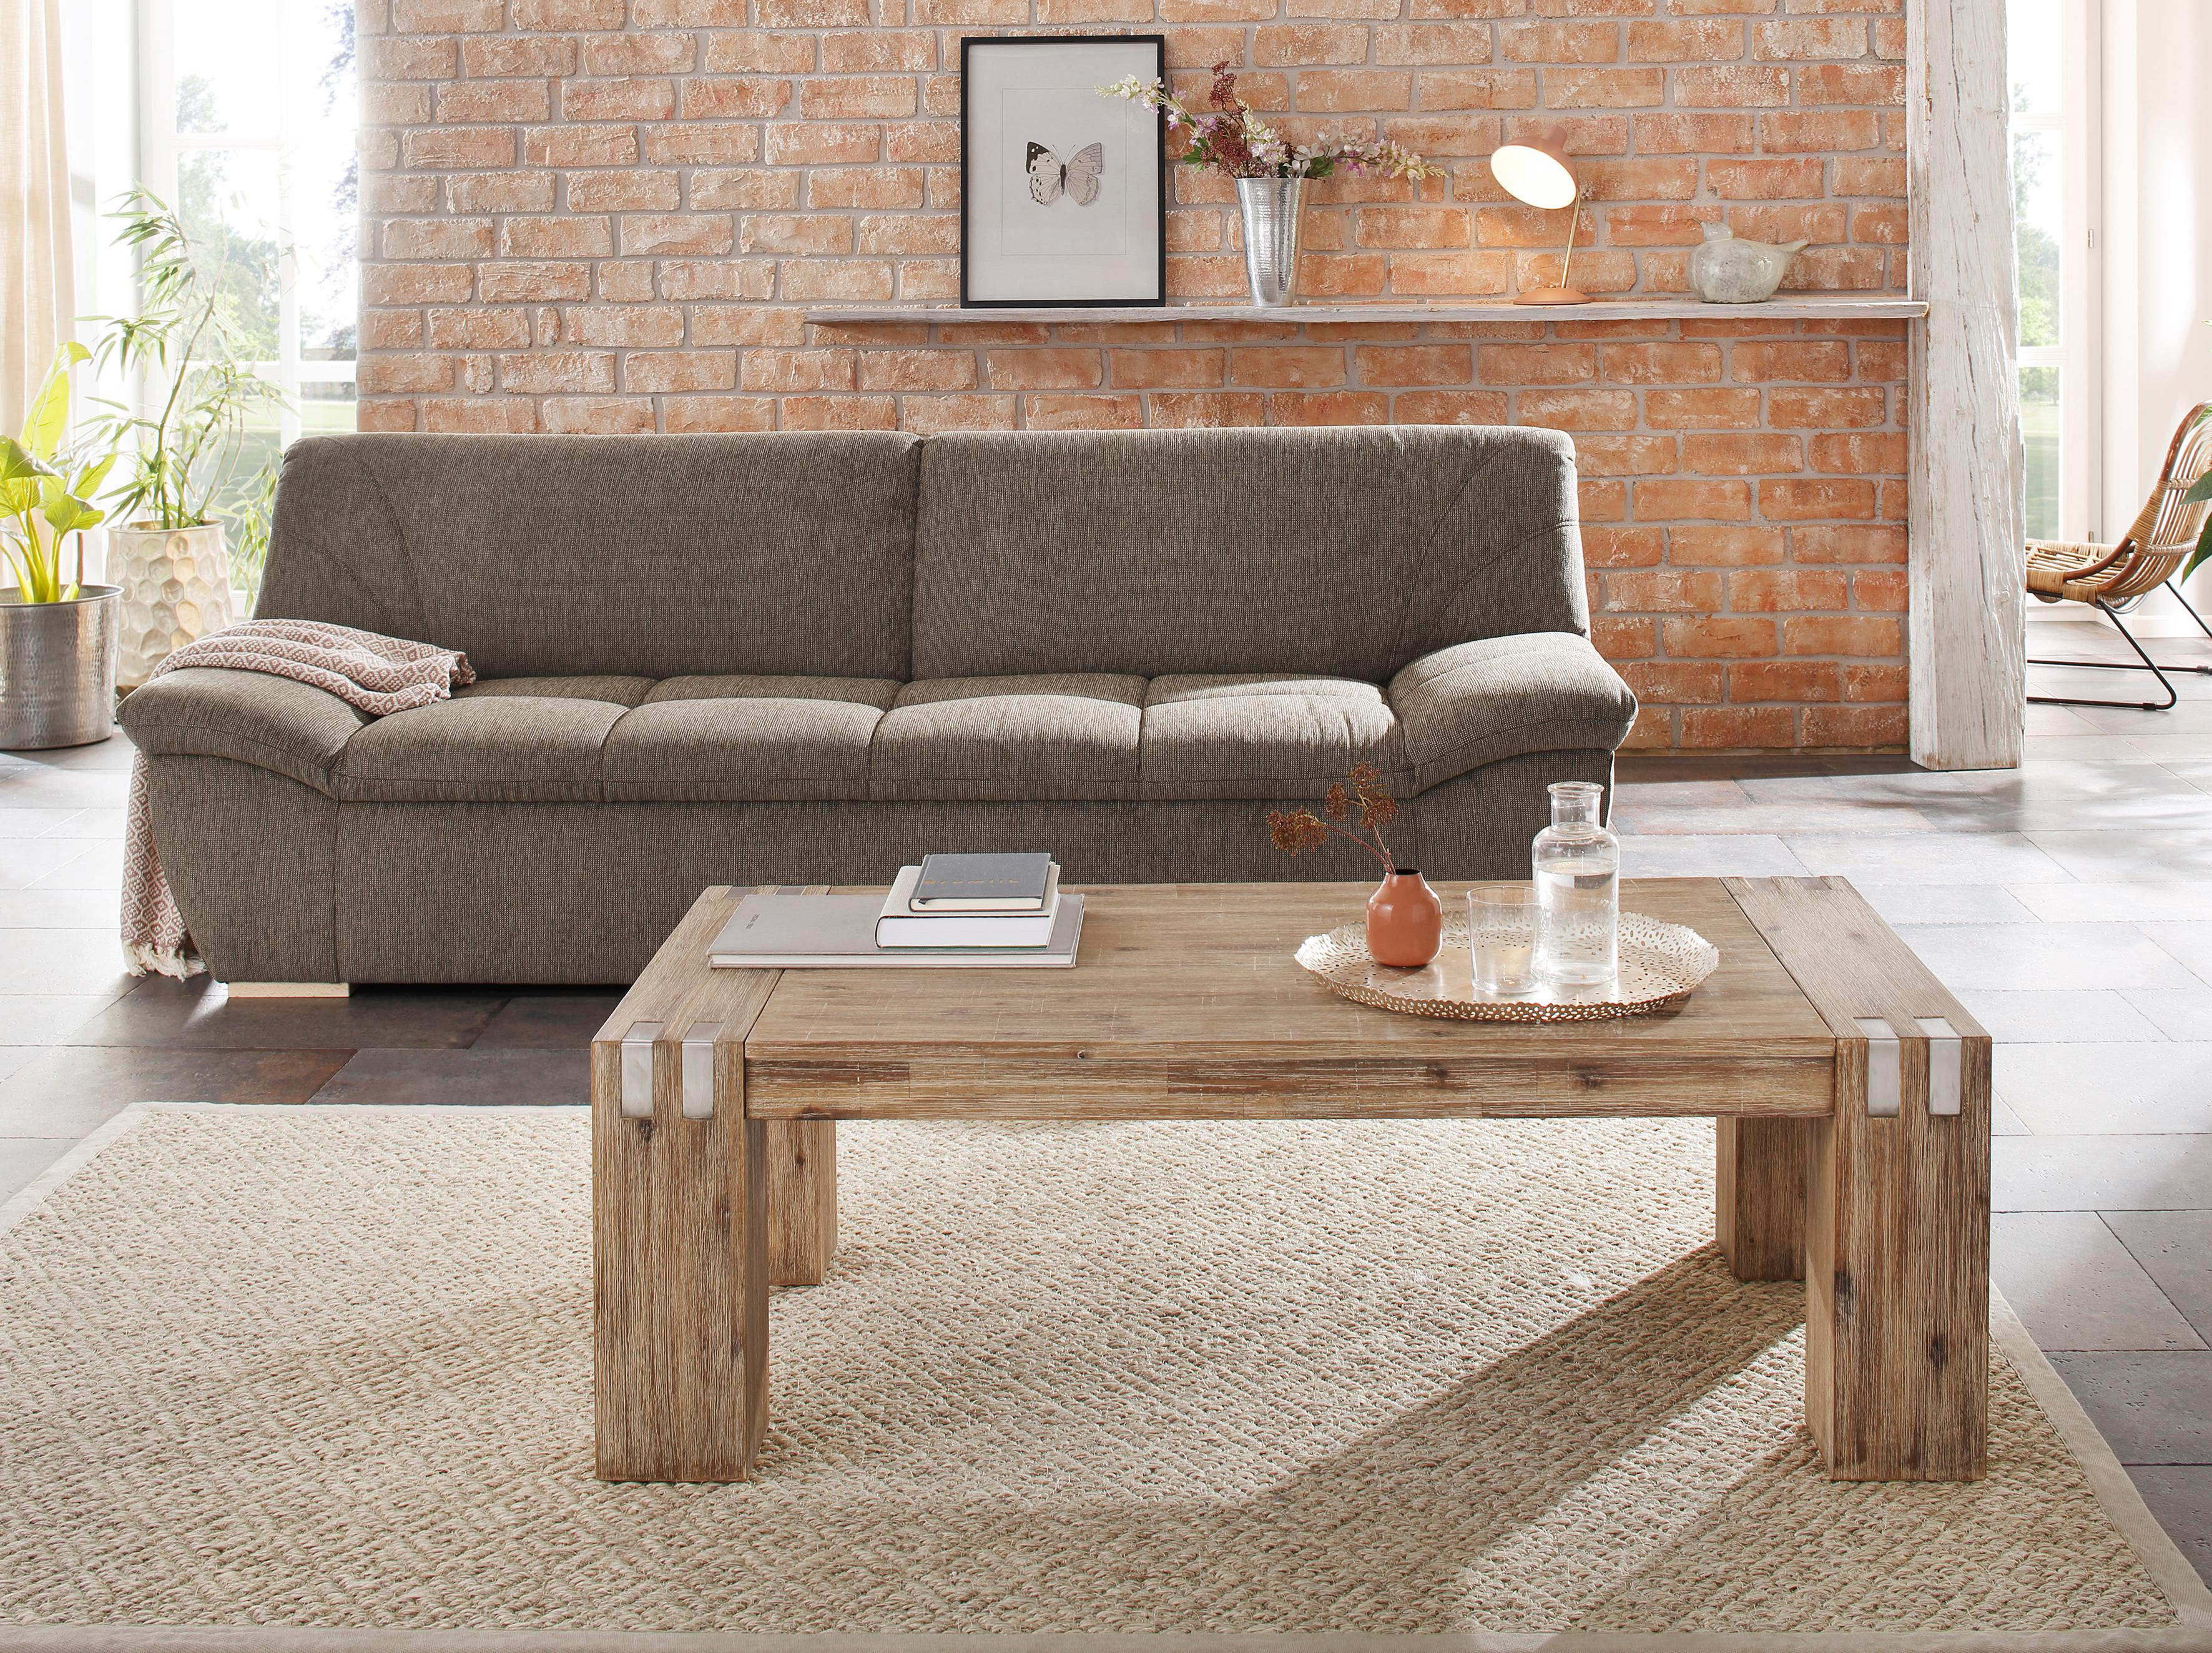 Home affaire Couchtisch »Basano« im rustikalen Flair aus massivem Akazienholz